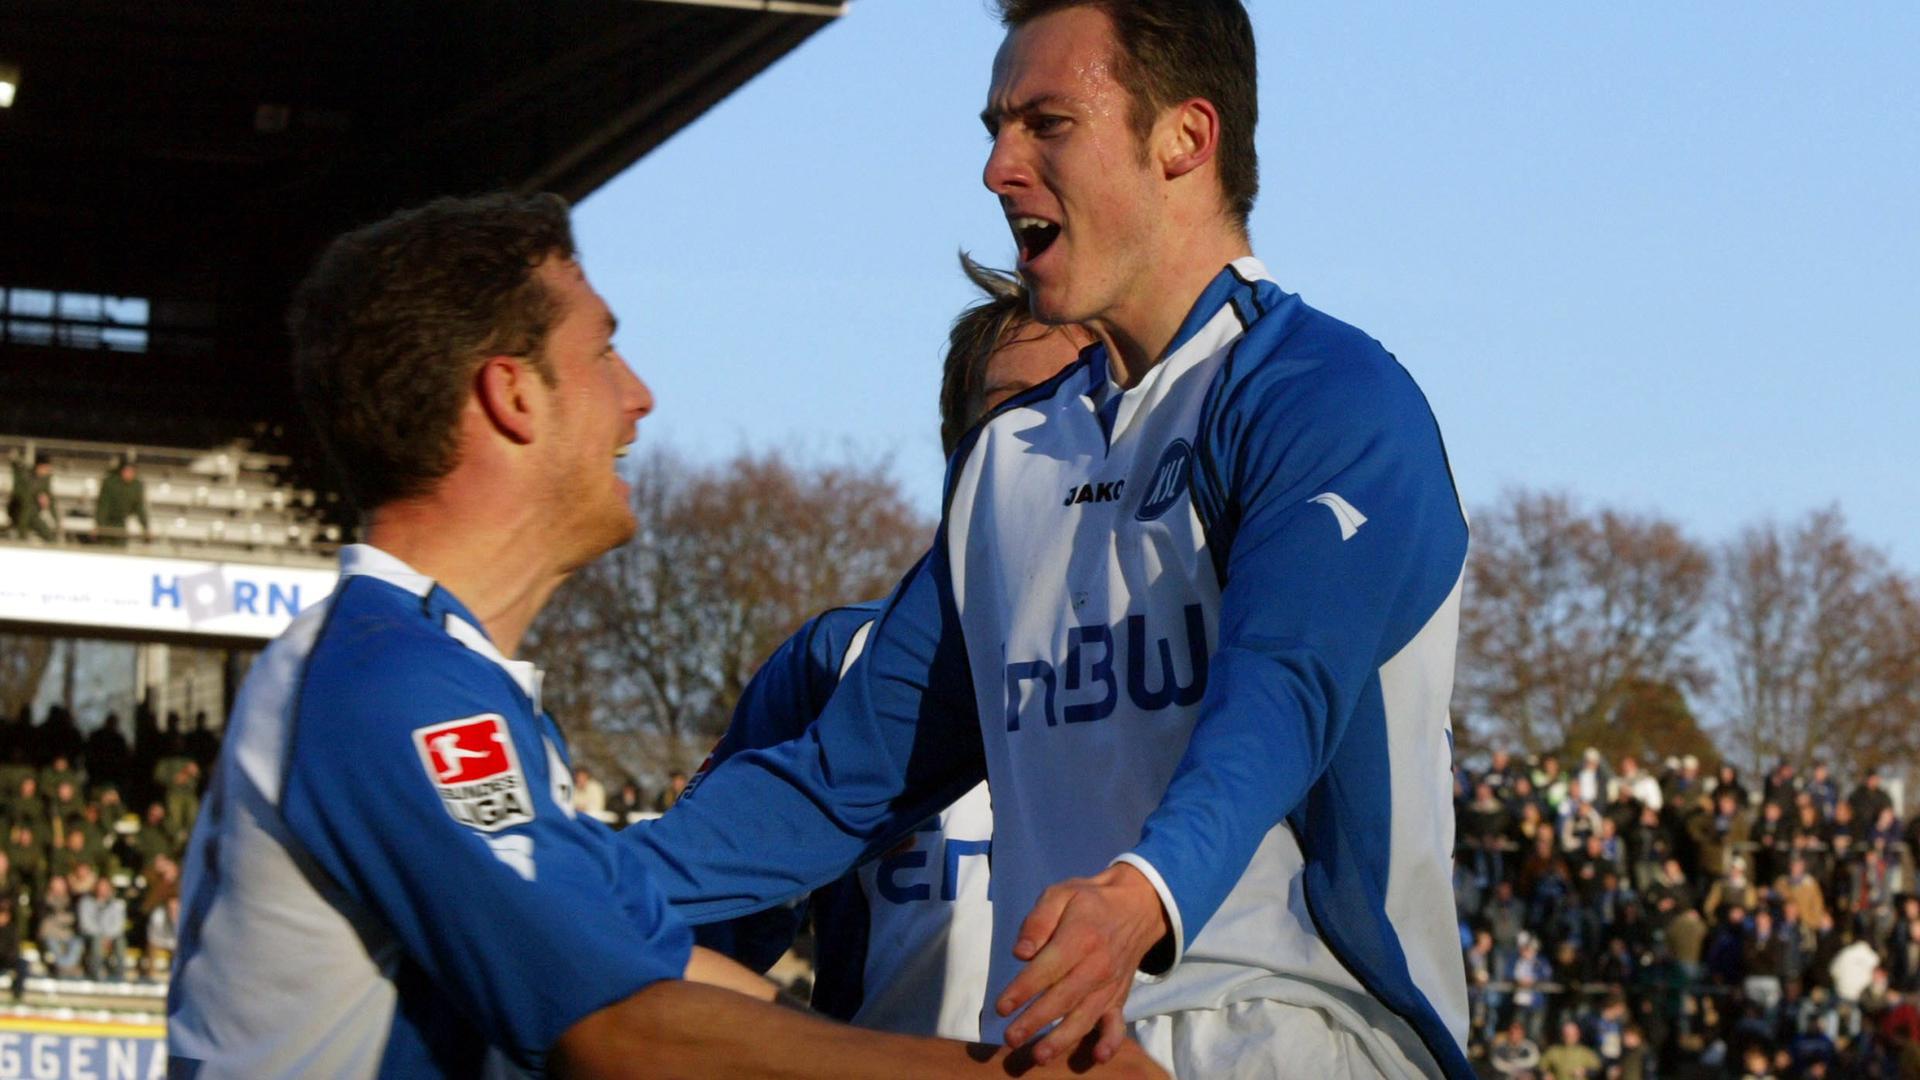 Dusch-Episode vergessen: Als Sebastian Freis (rechts), wie am 12. November 2004 gegen Eintracht Trier Tore erzielte, freute sich auch KSC-Kollege Thomas Kies mit dem und für den frechen Aufsteiger.